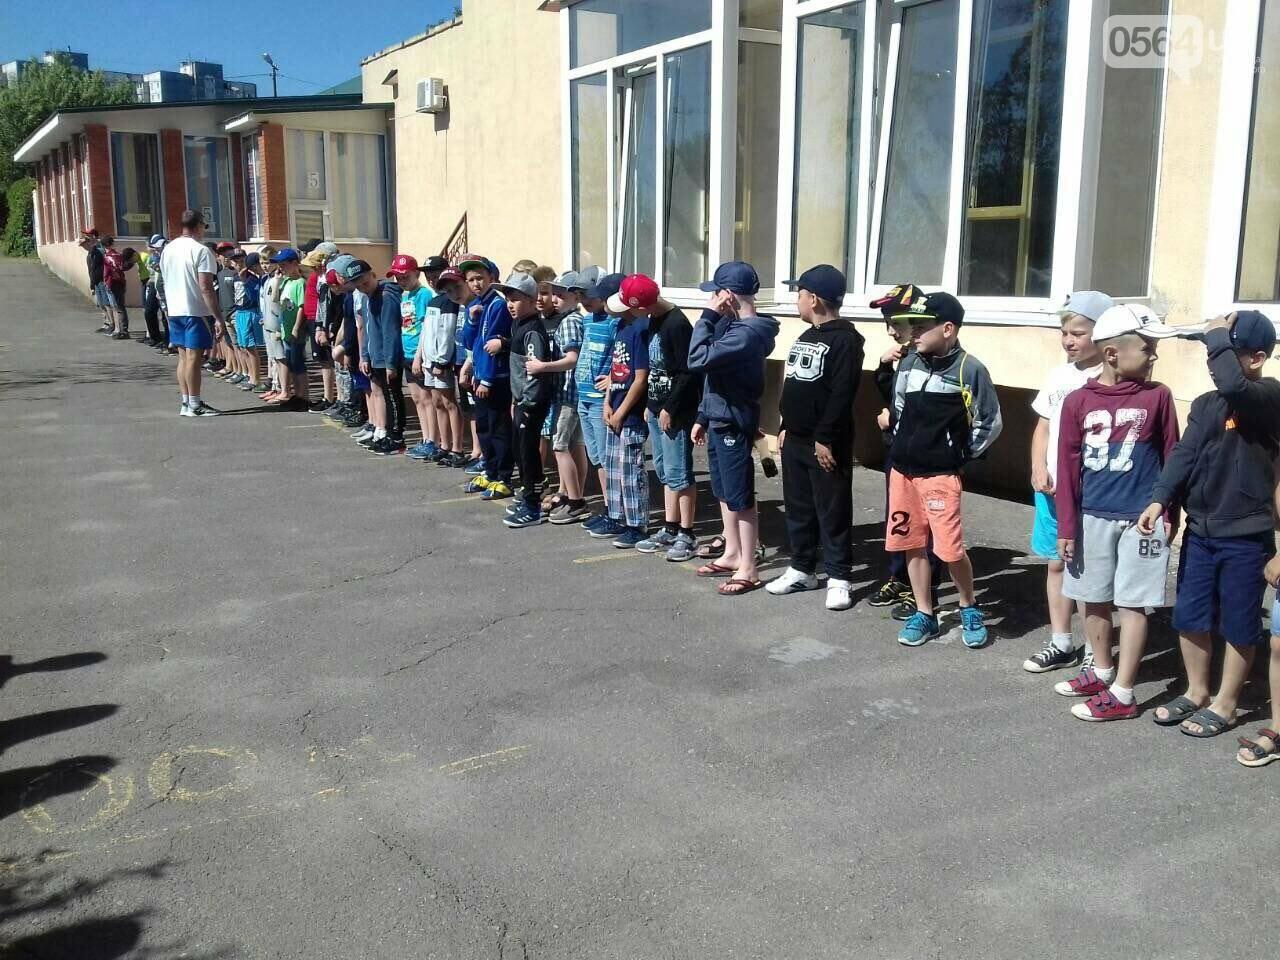 Юные криворожские спортсмены открыли летний сезон в спортивном лагере, - ФОТО, фото-5